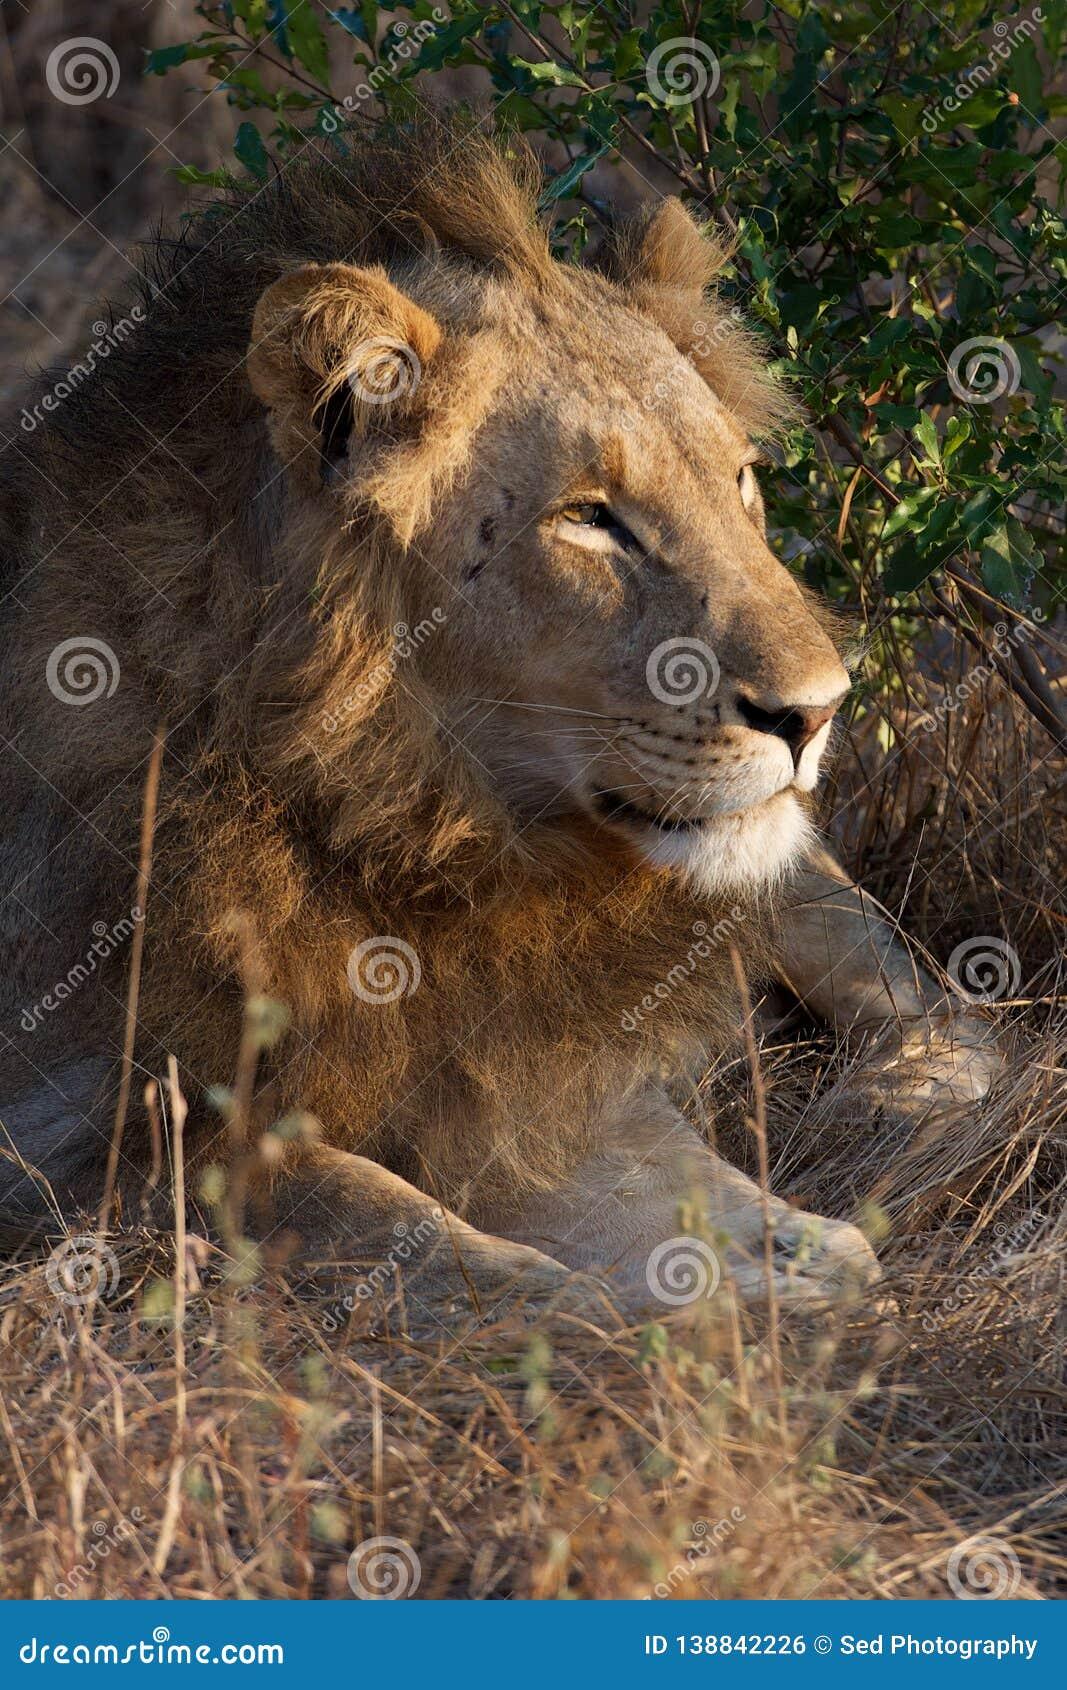 Lazy Lion in Kruger National Park